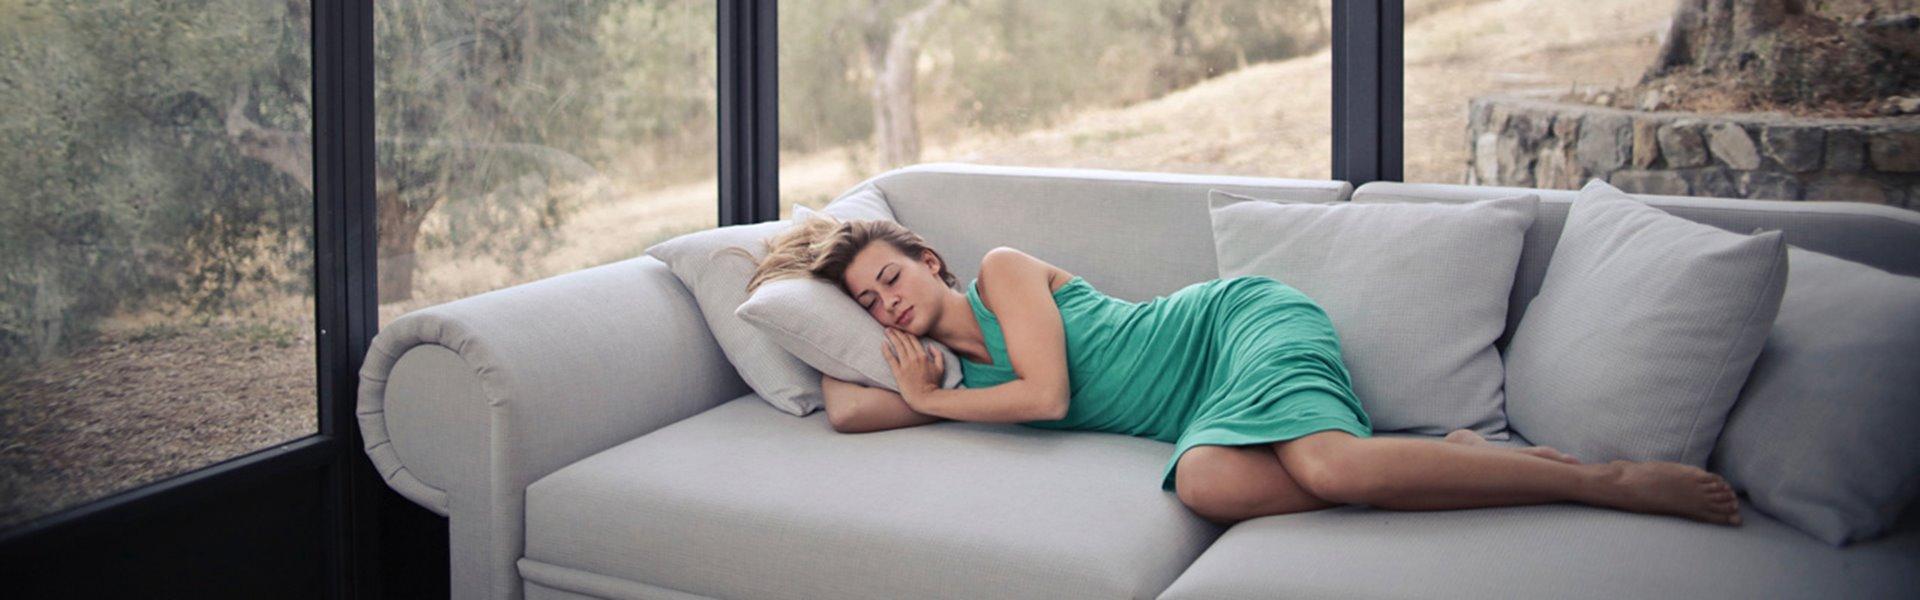 Femme allongée sur le canapé